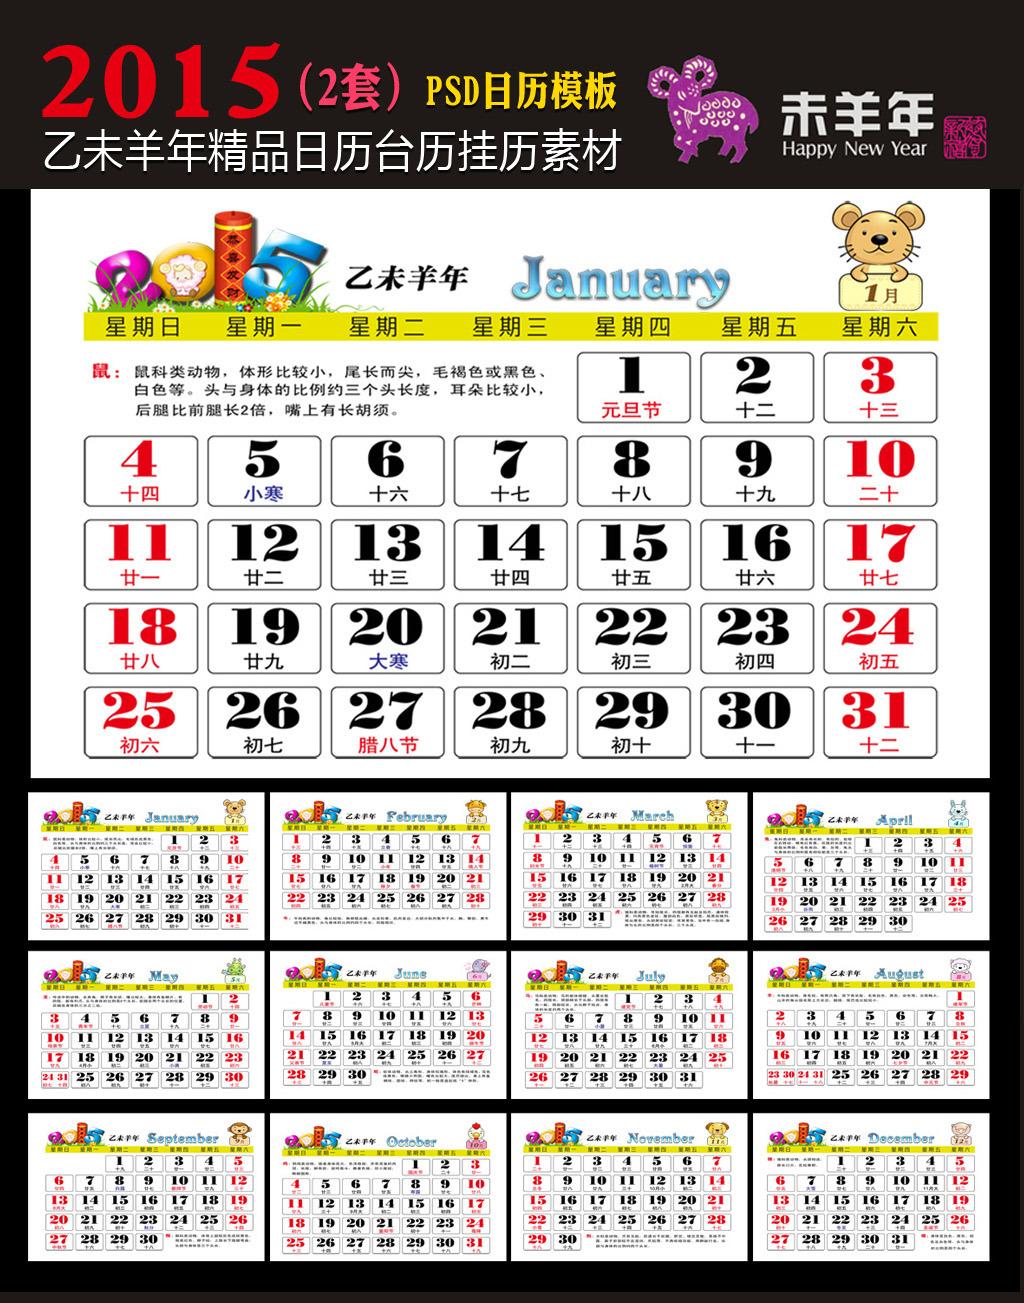 2015日历 2015万年历图片